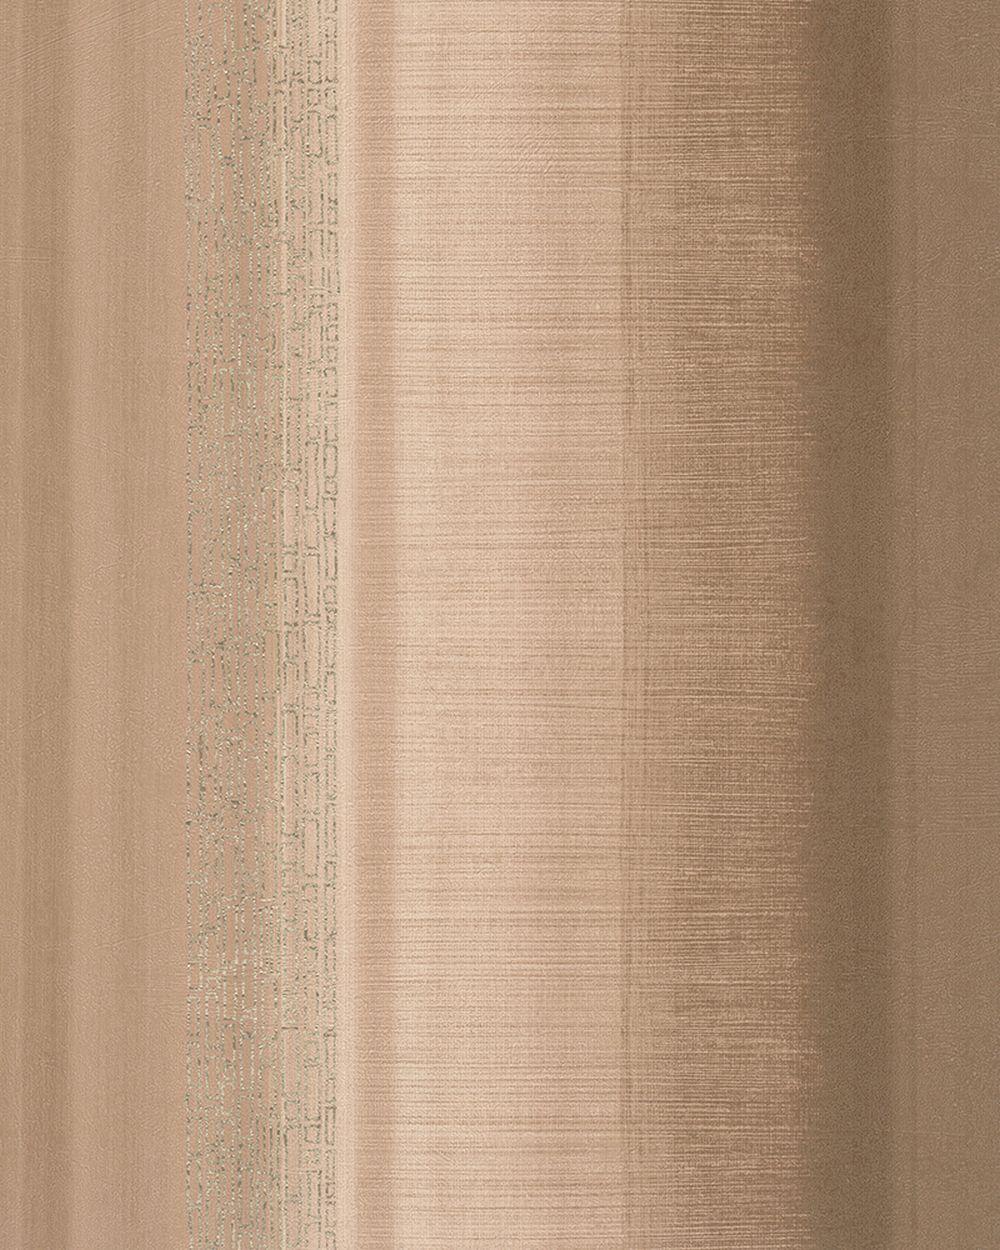 vliestapete streifen design beige braun glanz marburg 59321. Black Bedroom Furniture Sets. Home Design Ideas